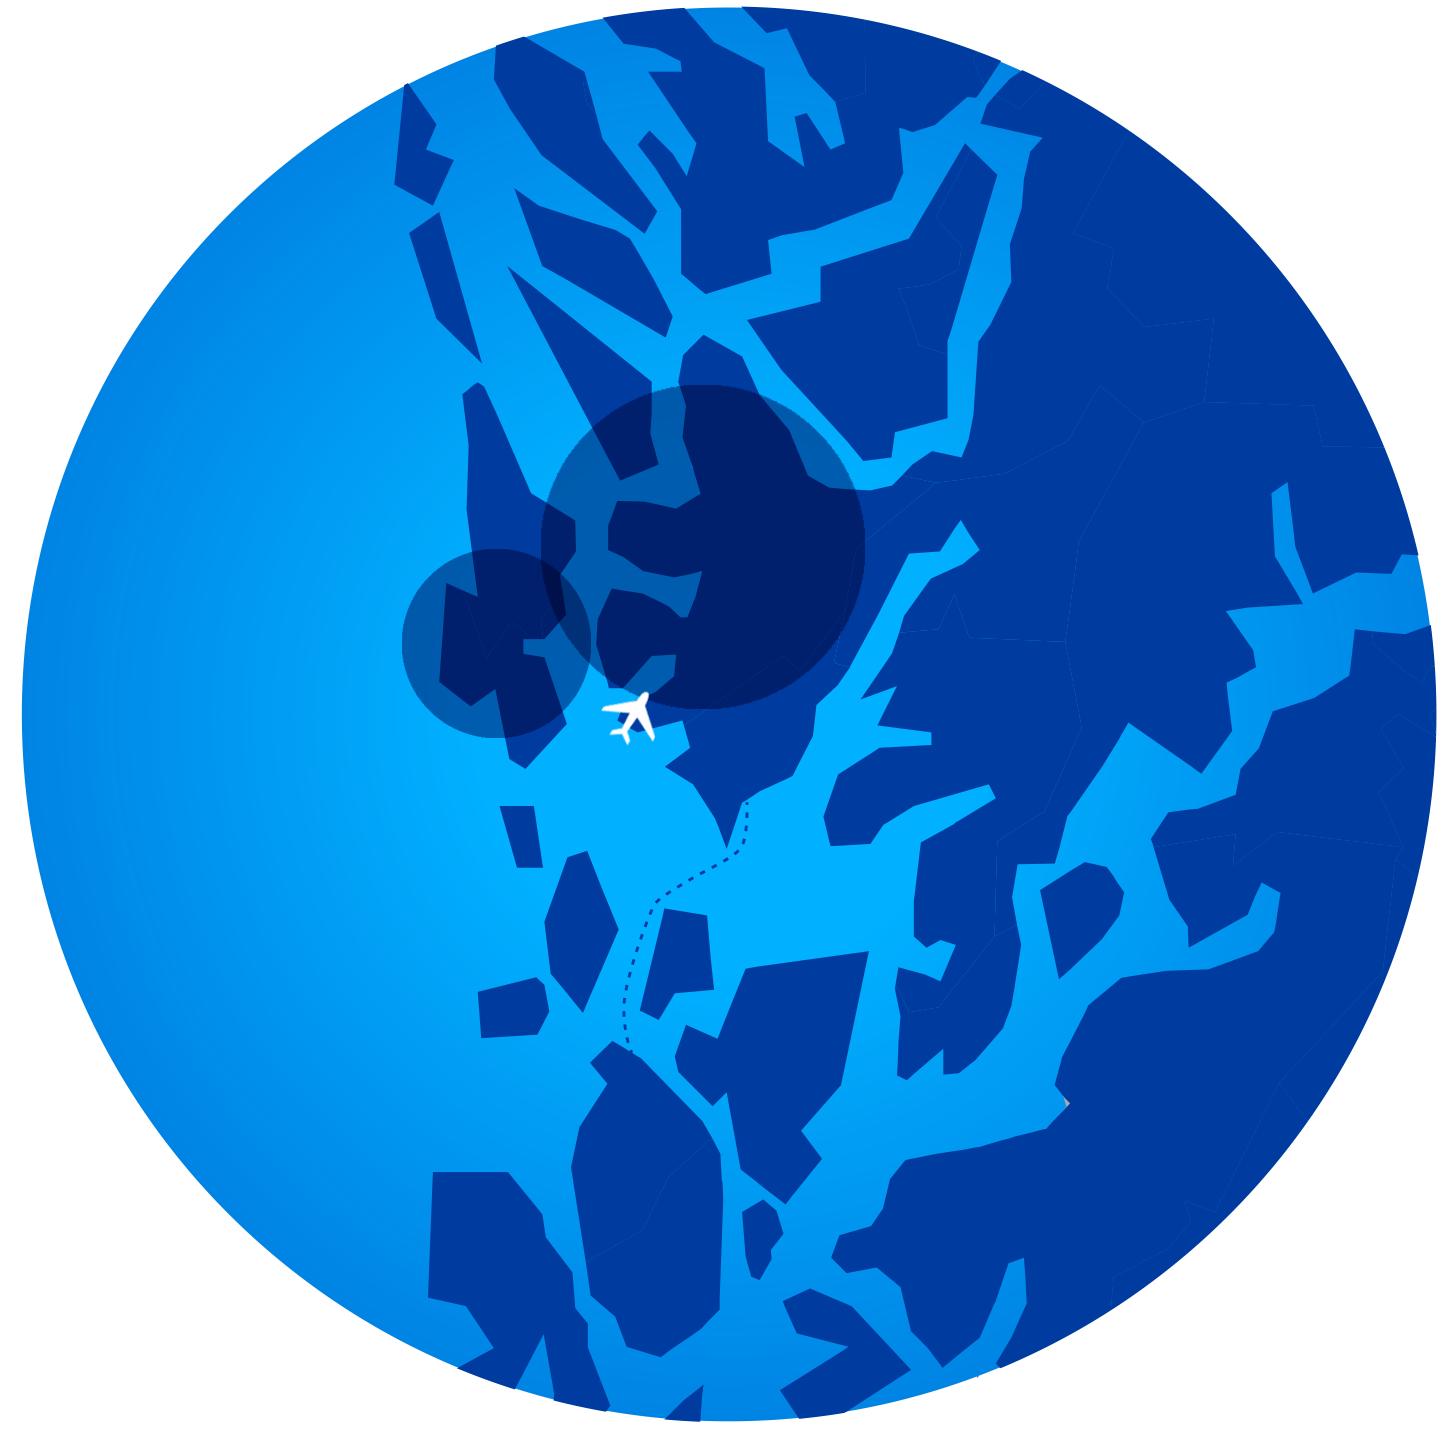 Lyseparken - Kart - hordaland